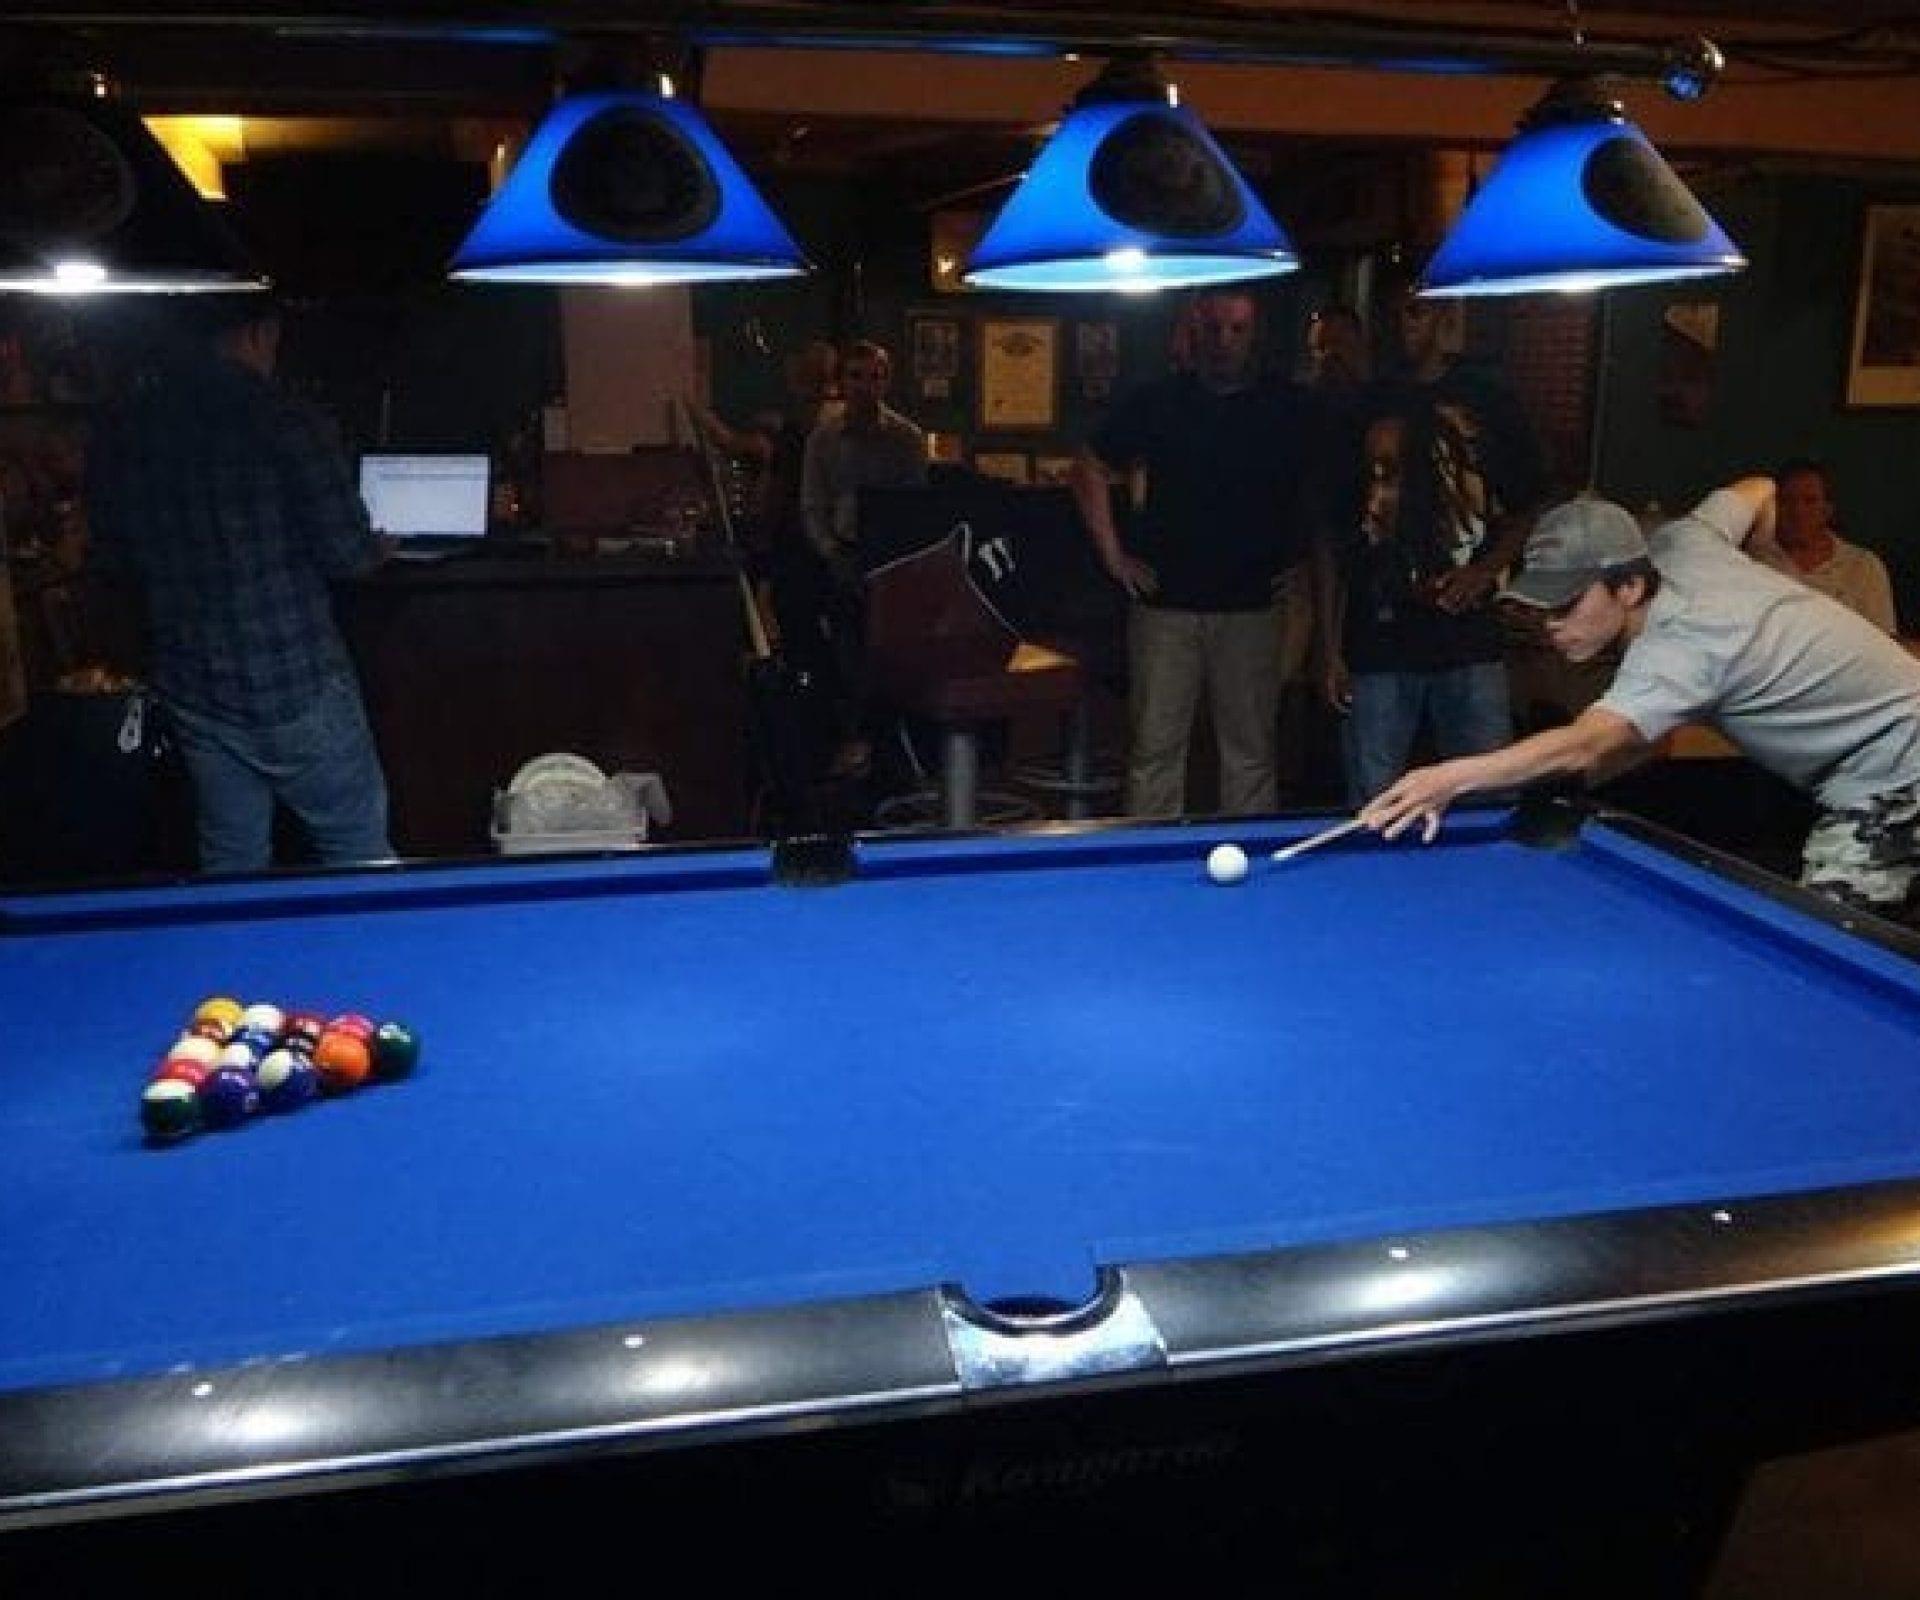 Itaewon Pool League